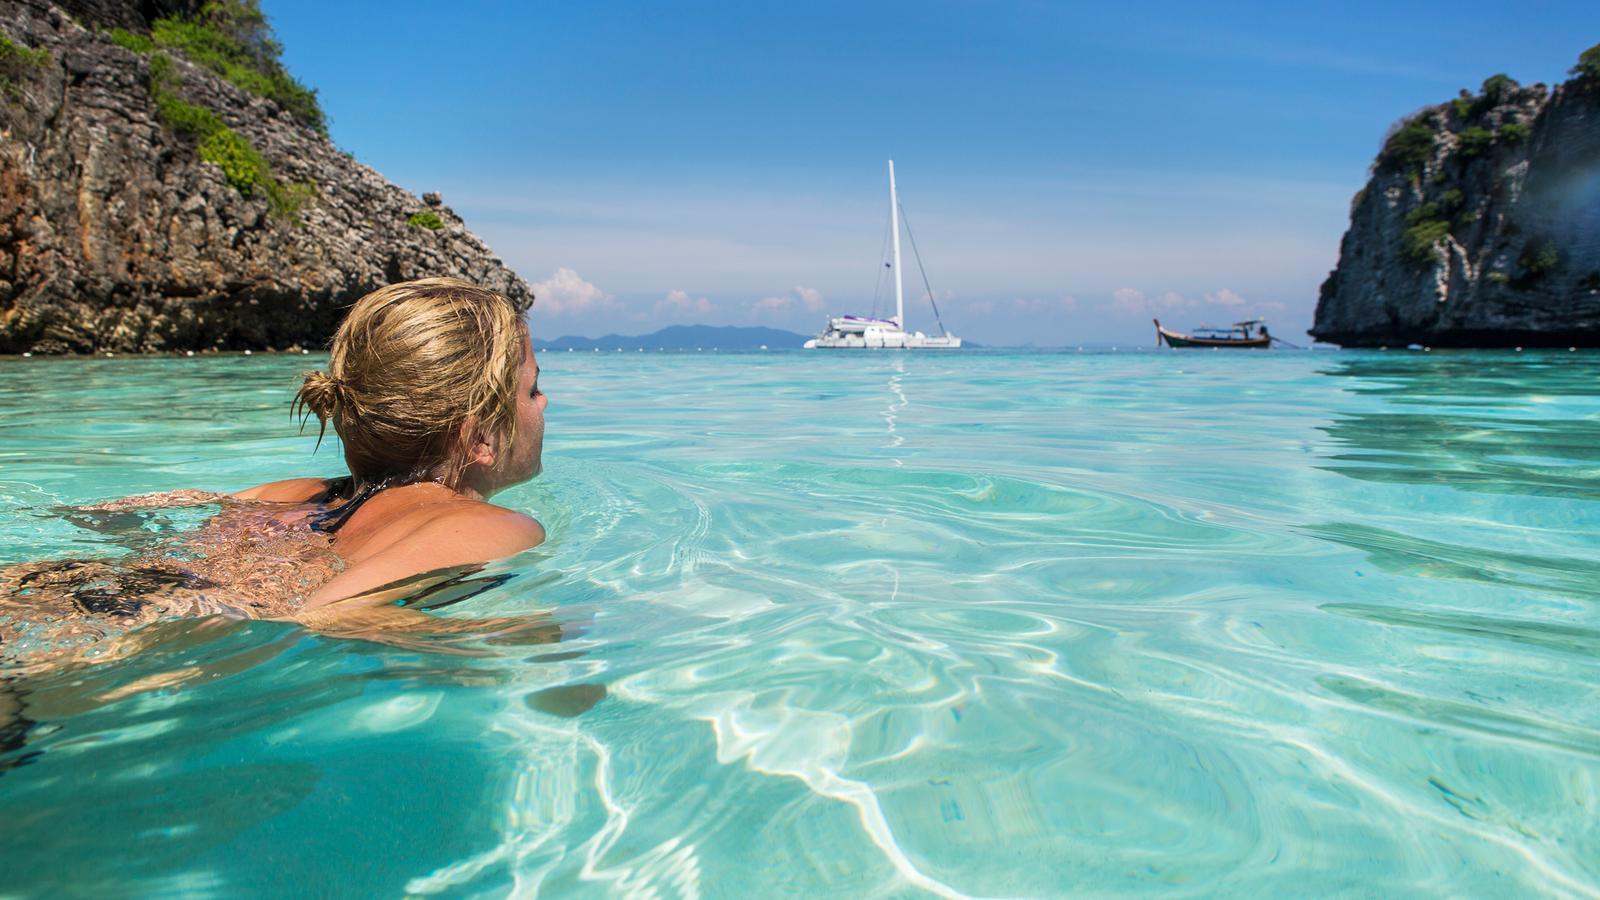 Thiên đường du lịch bậc nhất Đông Nam Á Phuket